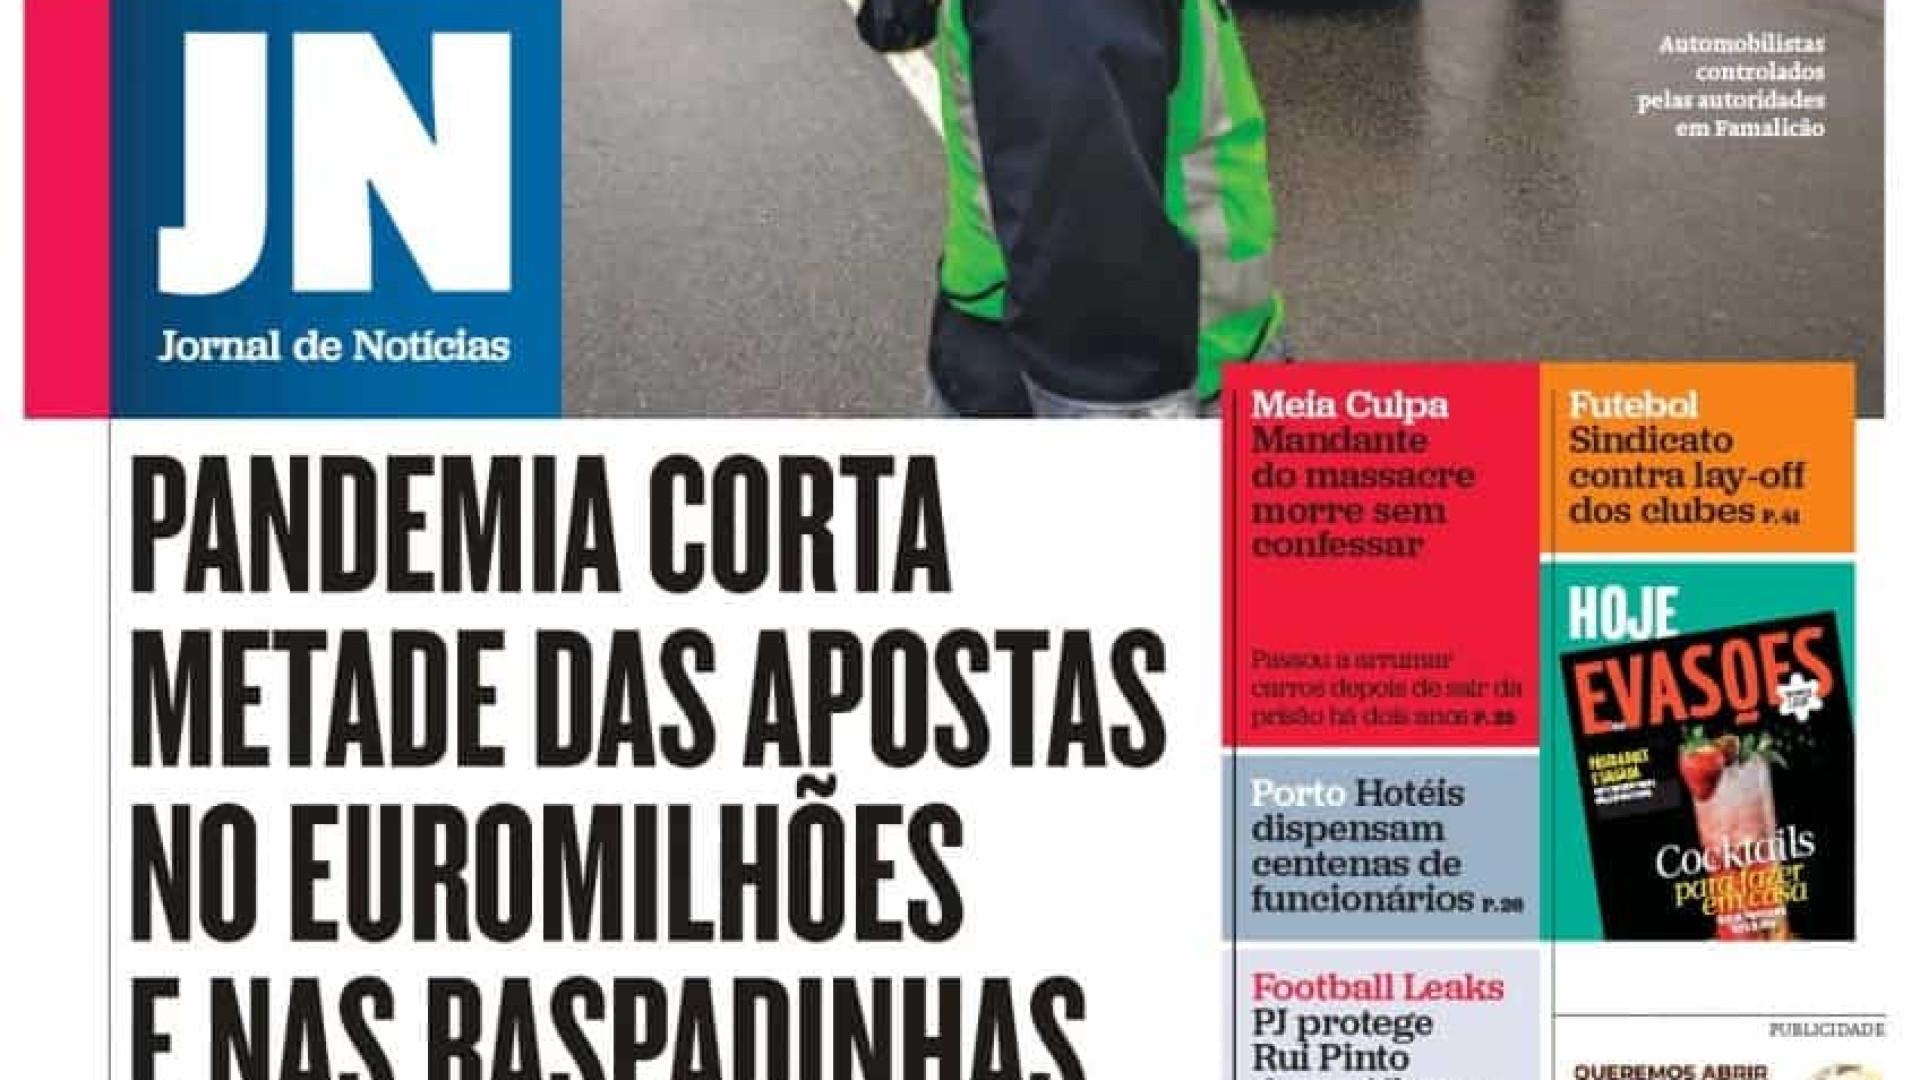 Hoje é notícia: Pandemia corta apostas; Pais 'forçados' a ficar em casa